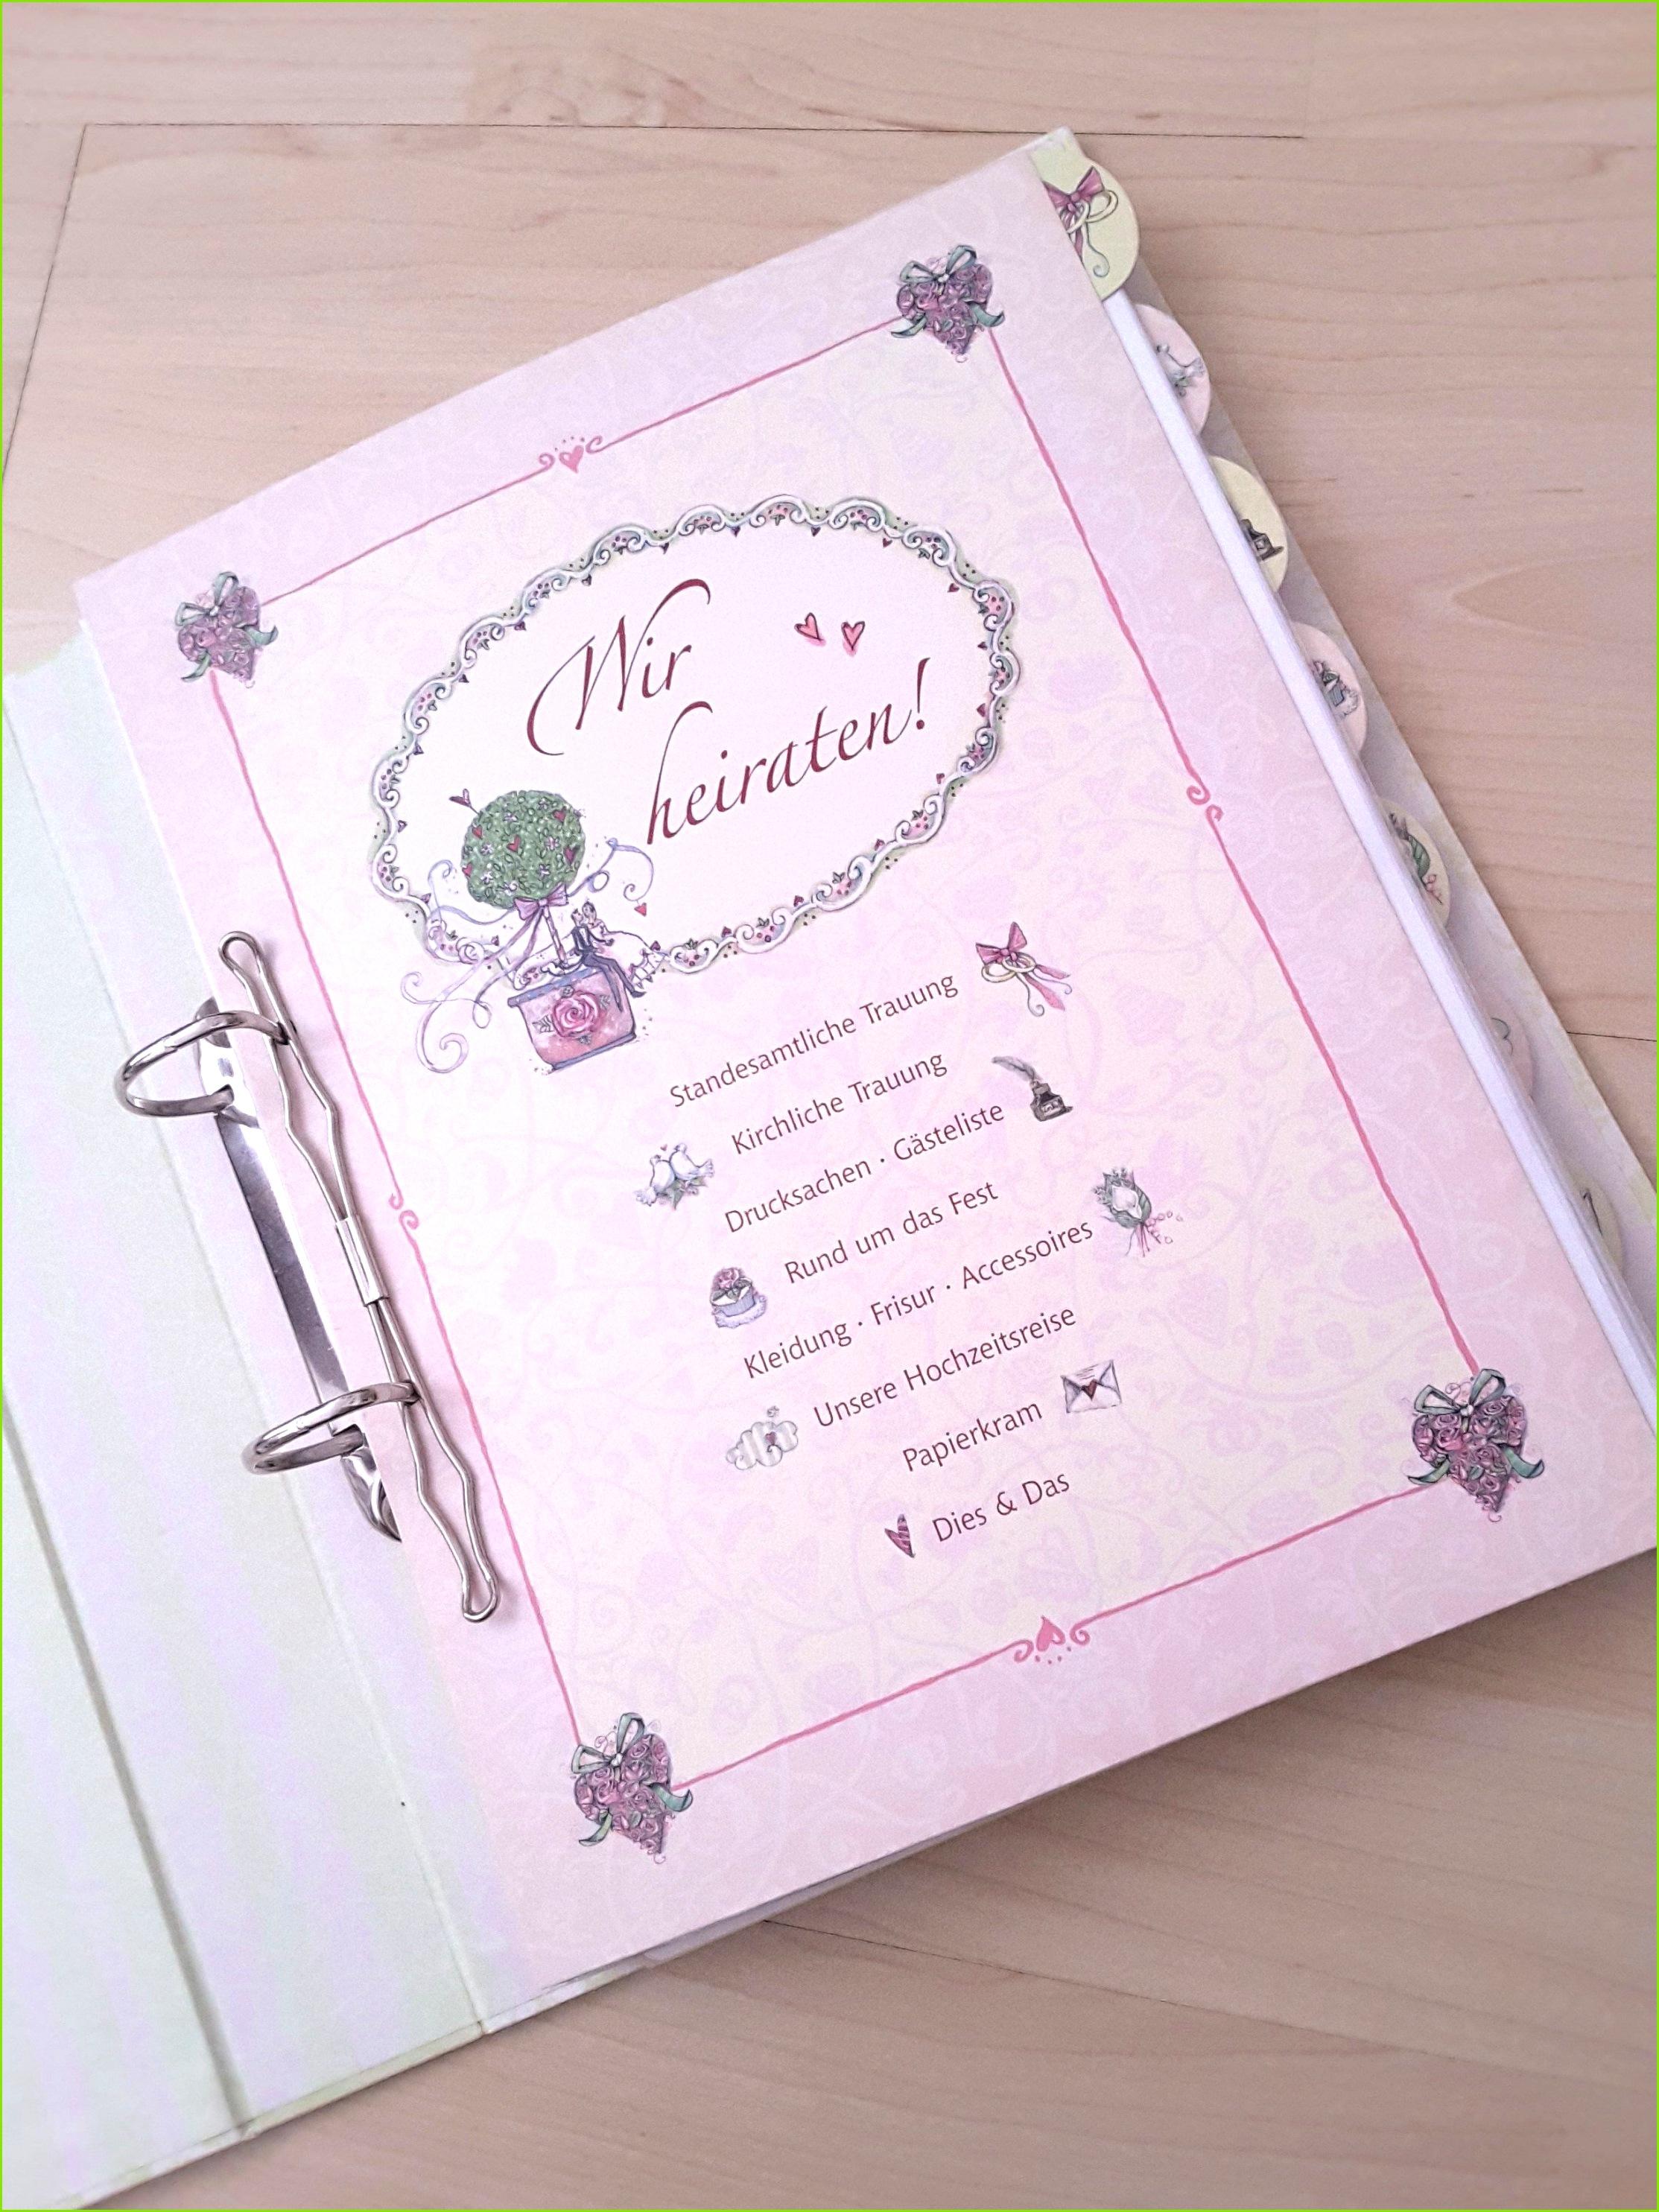 Vorlagen Hochzeit Einladung Text Blog Postkarte Hochzeitseinladung Neue Probe Media Image 0d 59 82